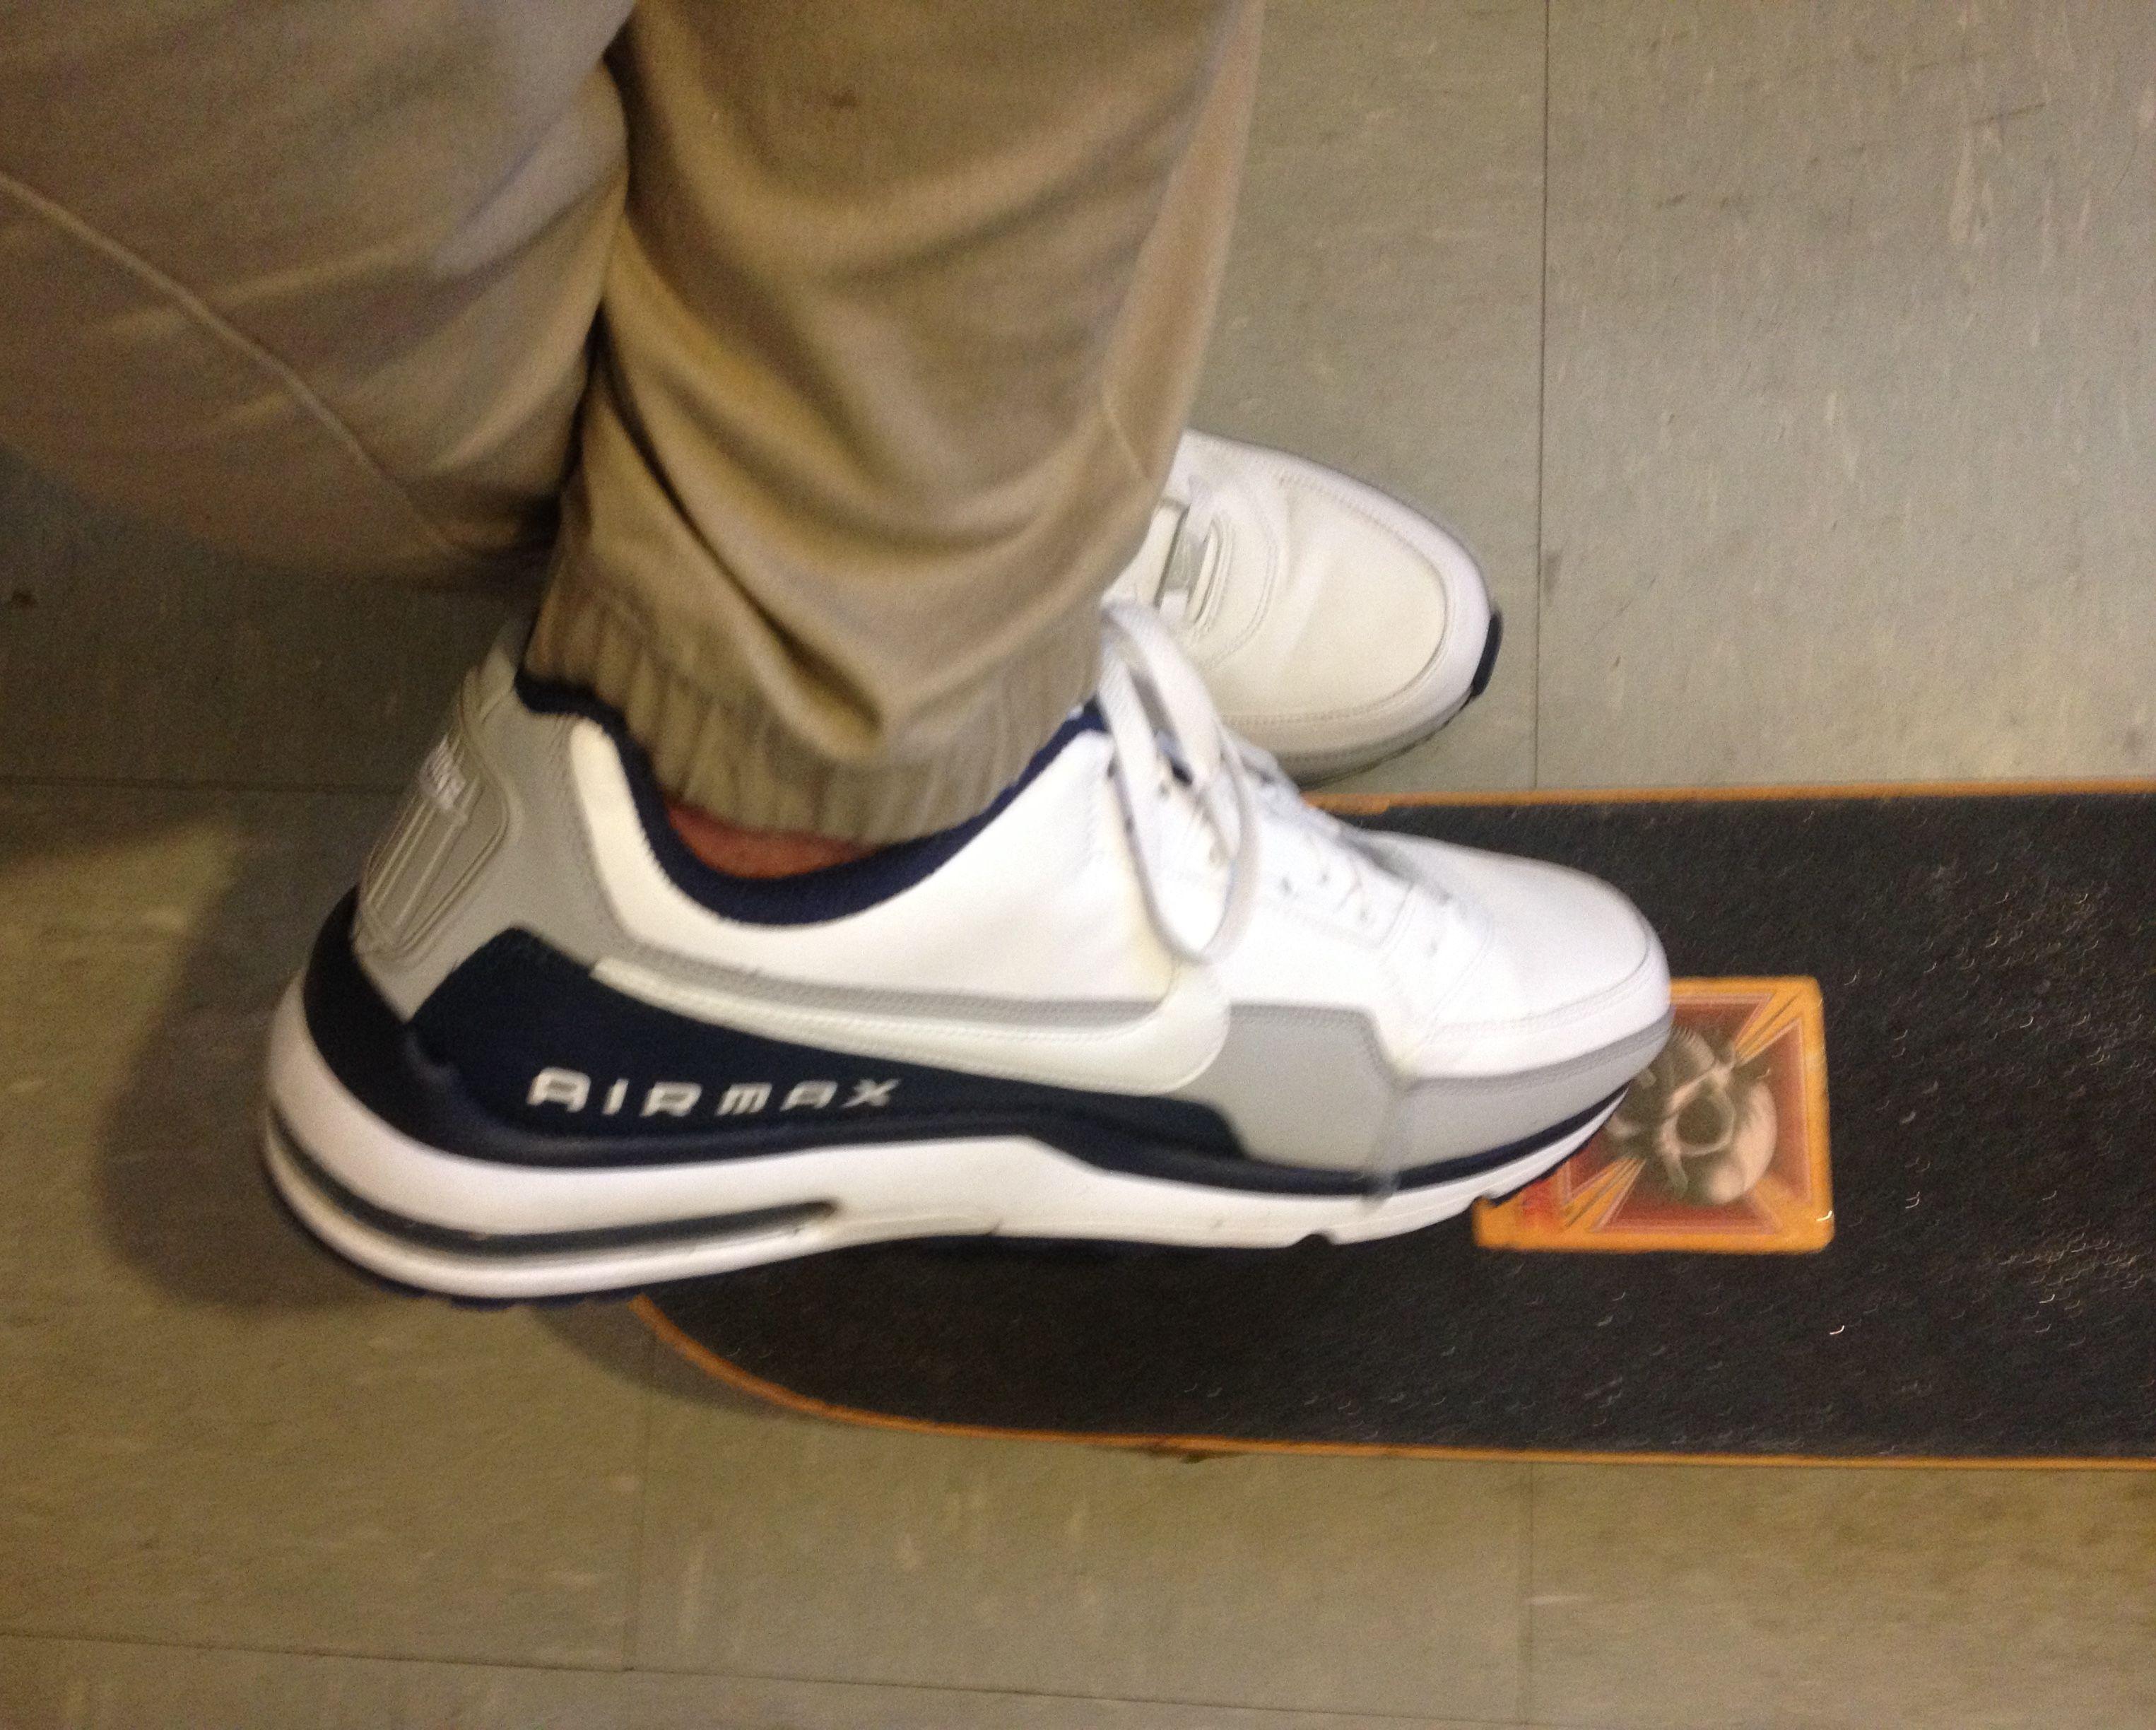 45ea4f21a3d My new Nikes Air Max Ltd 3 - aww kicks! Look sick! There size 18s ...